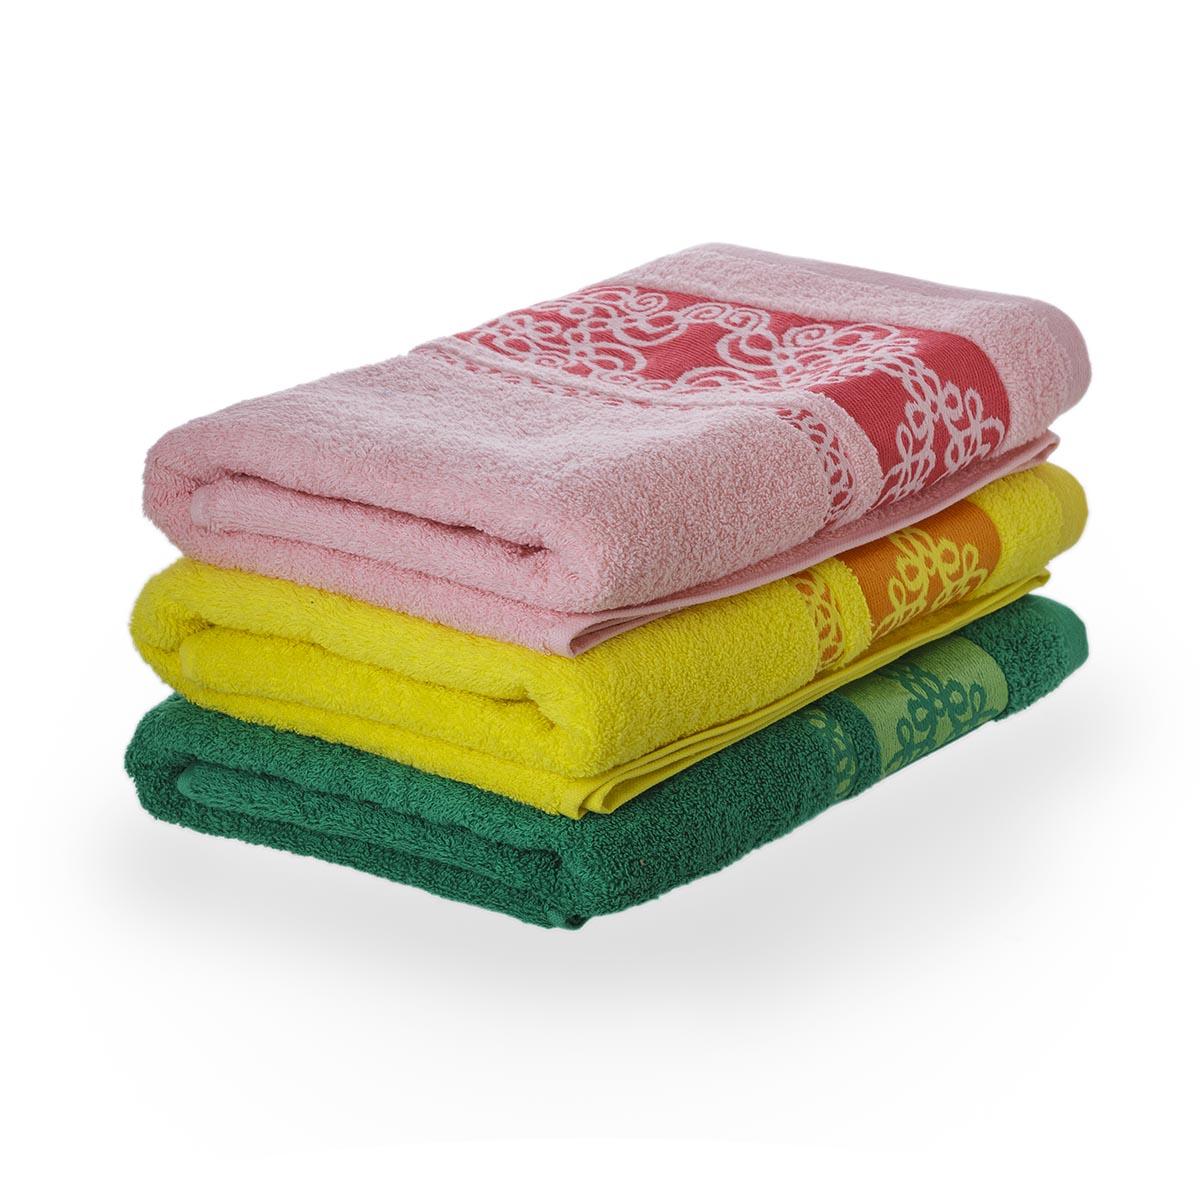 """Купить со скидкой Полотенце """"Узор"""", цвет Желтый, размер 50х90 см"""